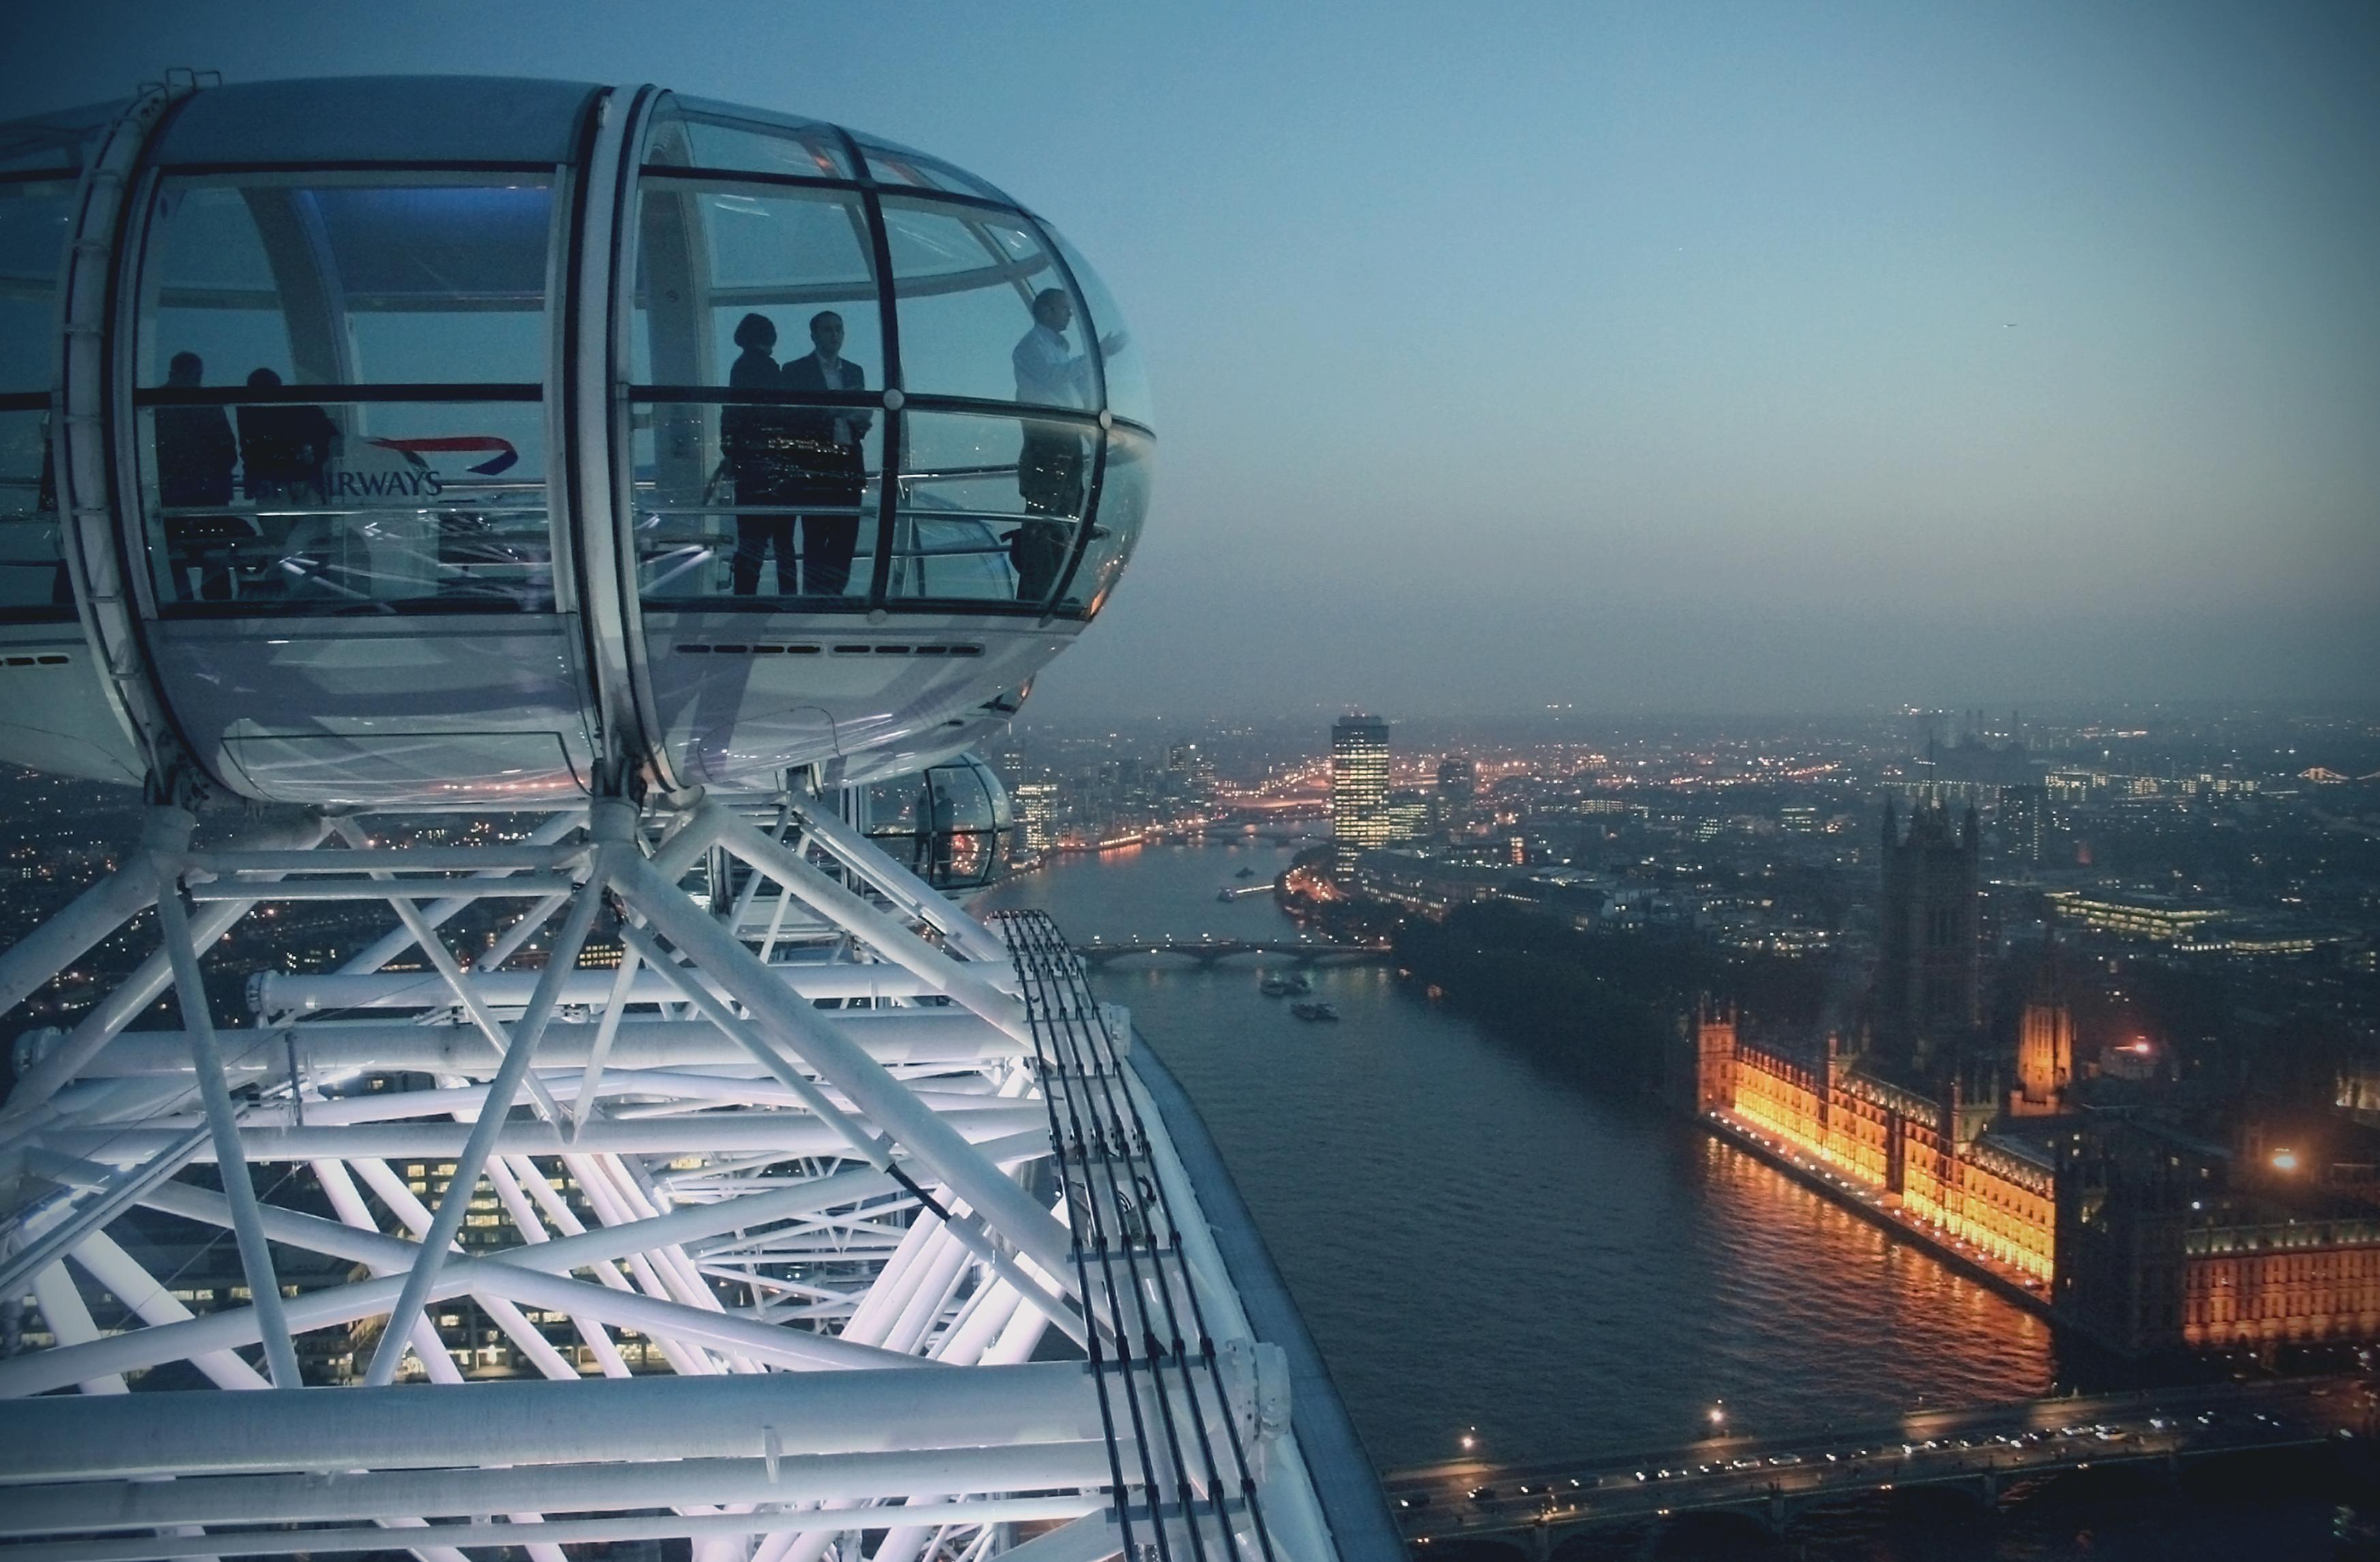 FerrisWheelRides_LondonEye_Top